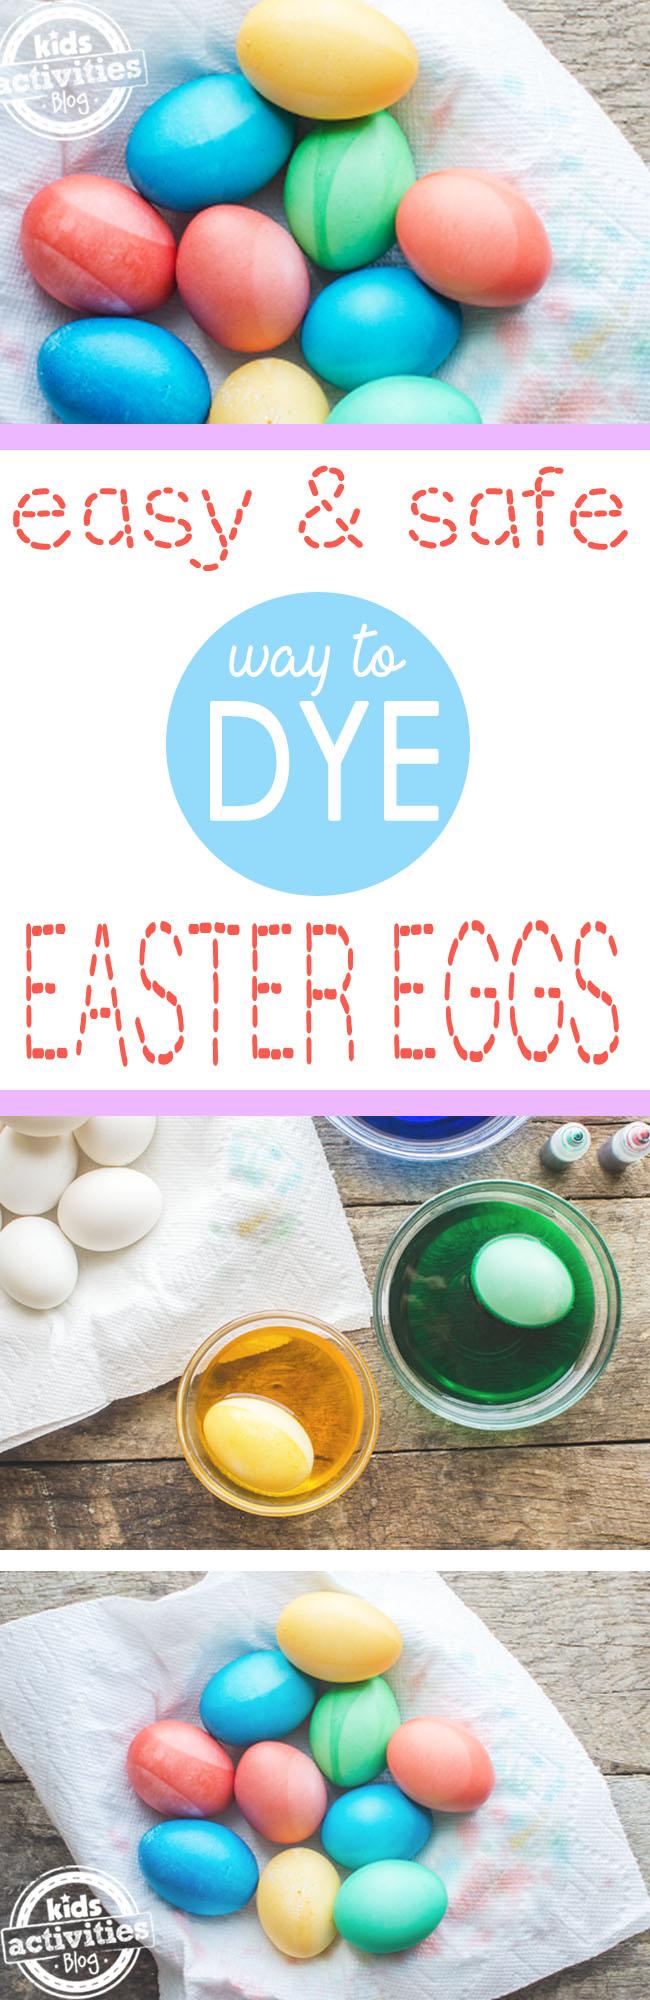 comment teindre les œufs de Pâques - un moyen facile et sûr de teindre les œufs de Pâques - 3 étapes illustrées